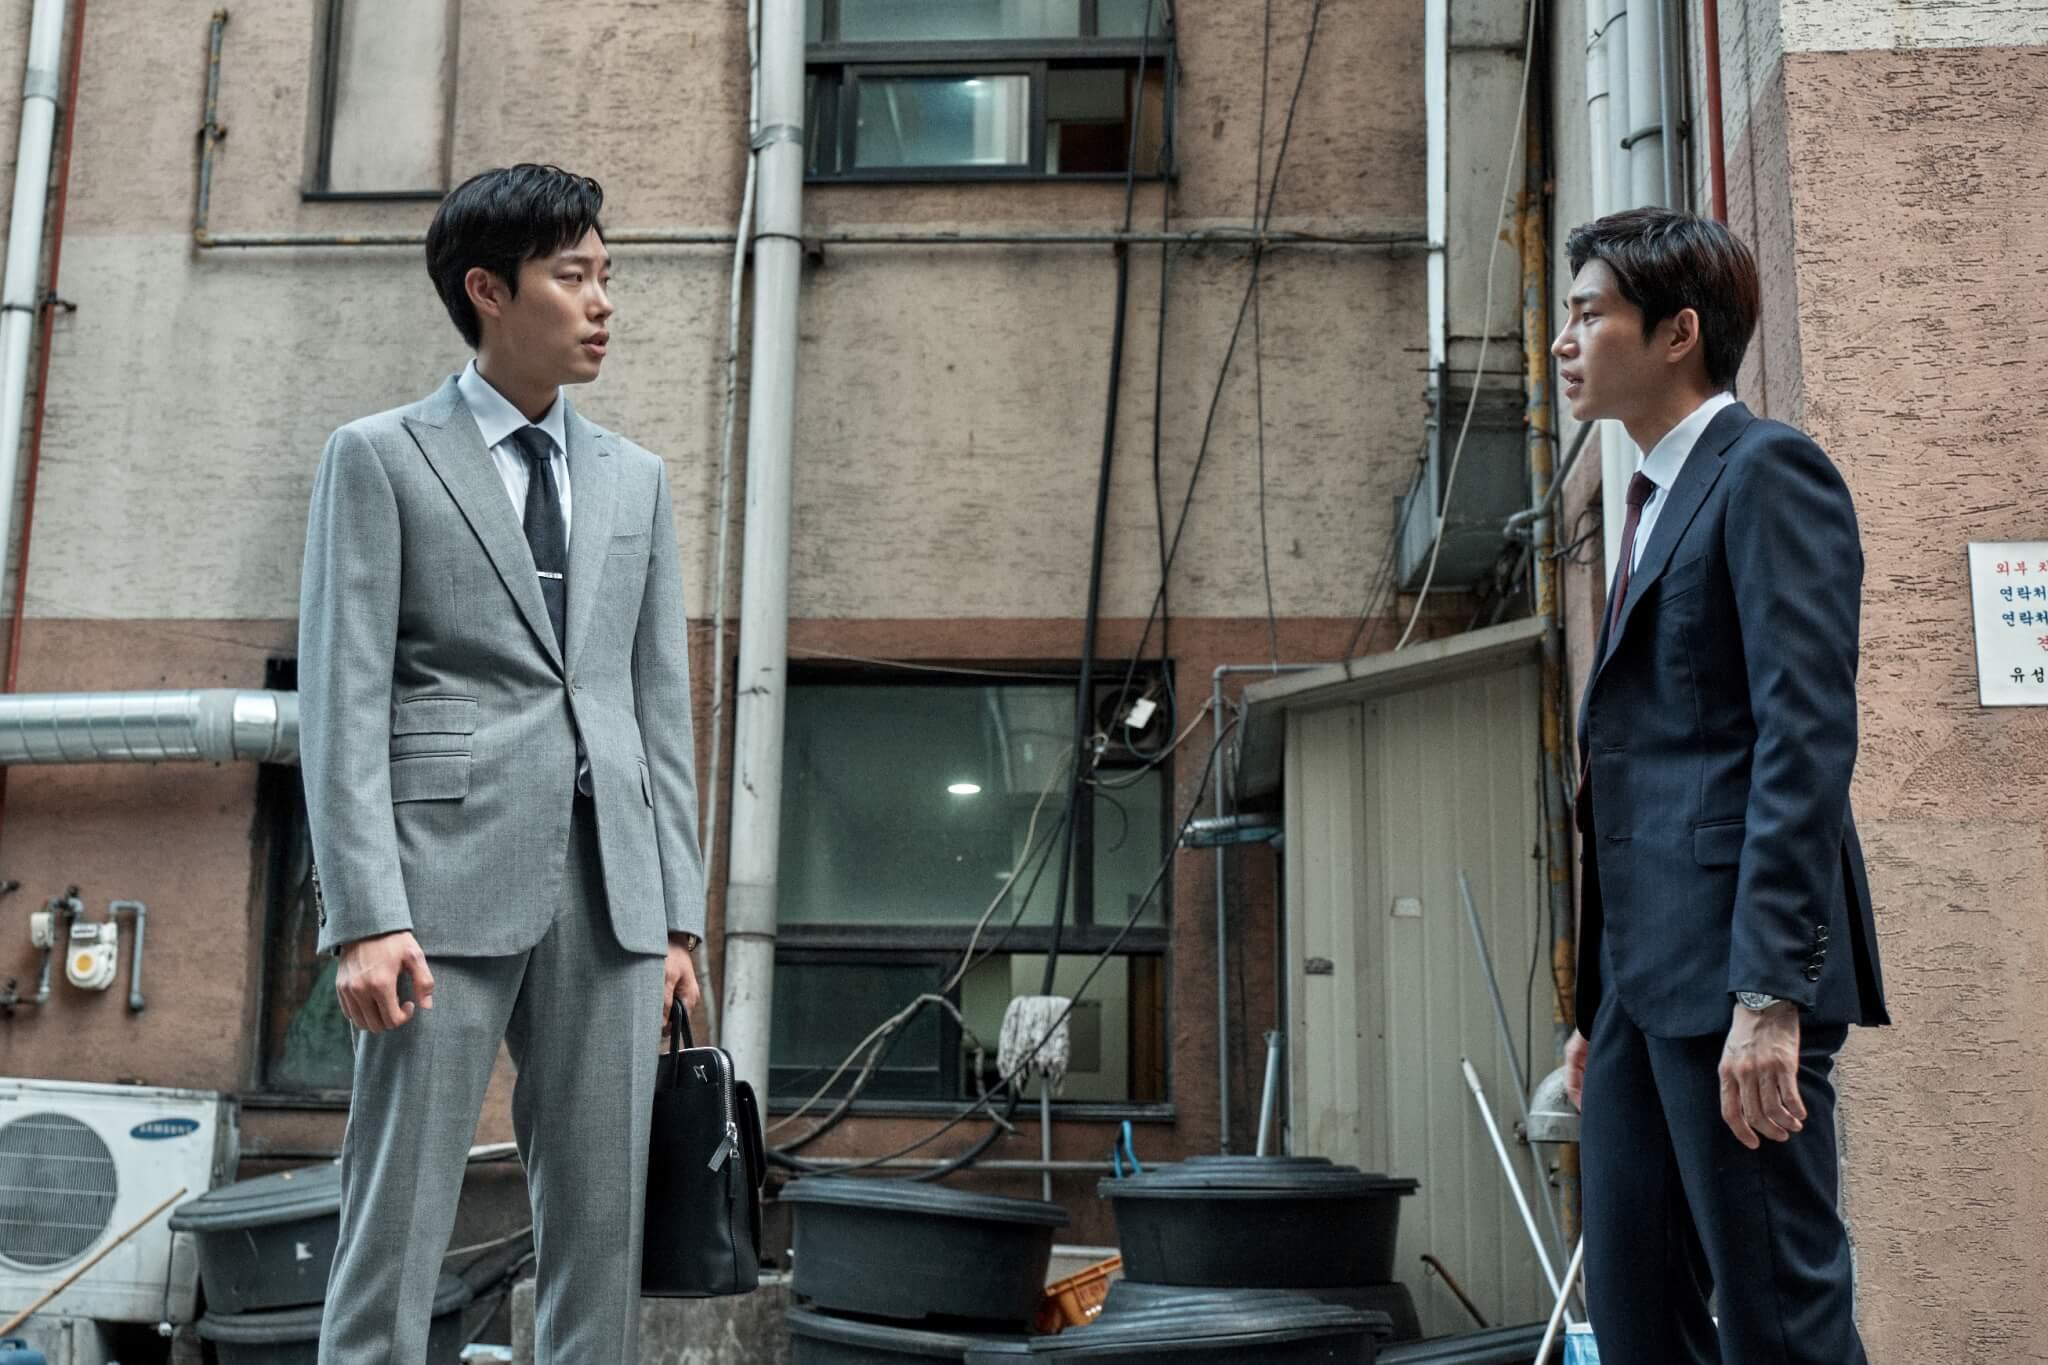 《百日的郎君》男星金宰英飾演柳俊烈的朋友,也是柳俊烈在證劵公司唯一的摰友,一度對立。